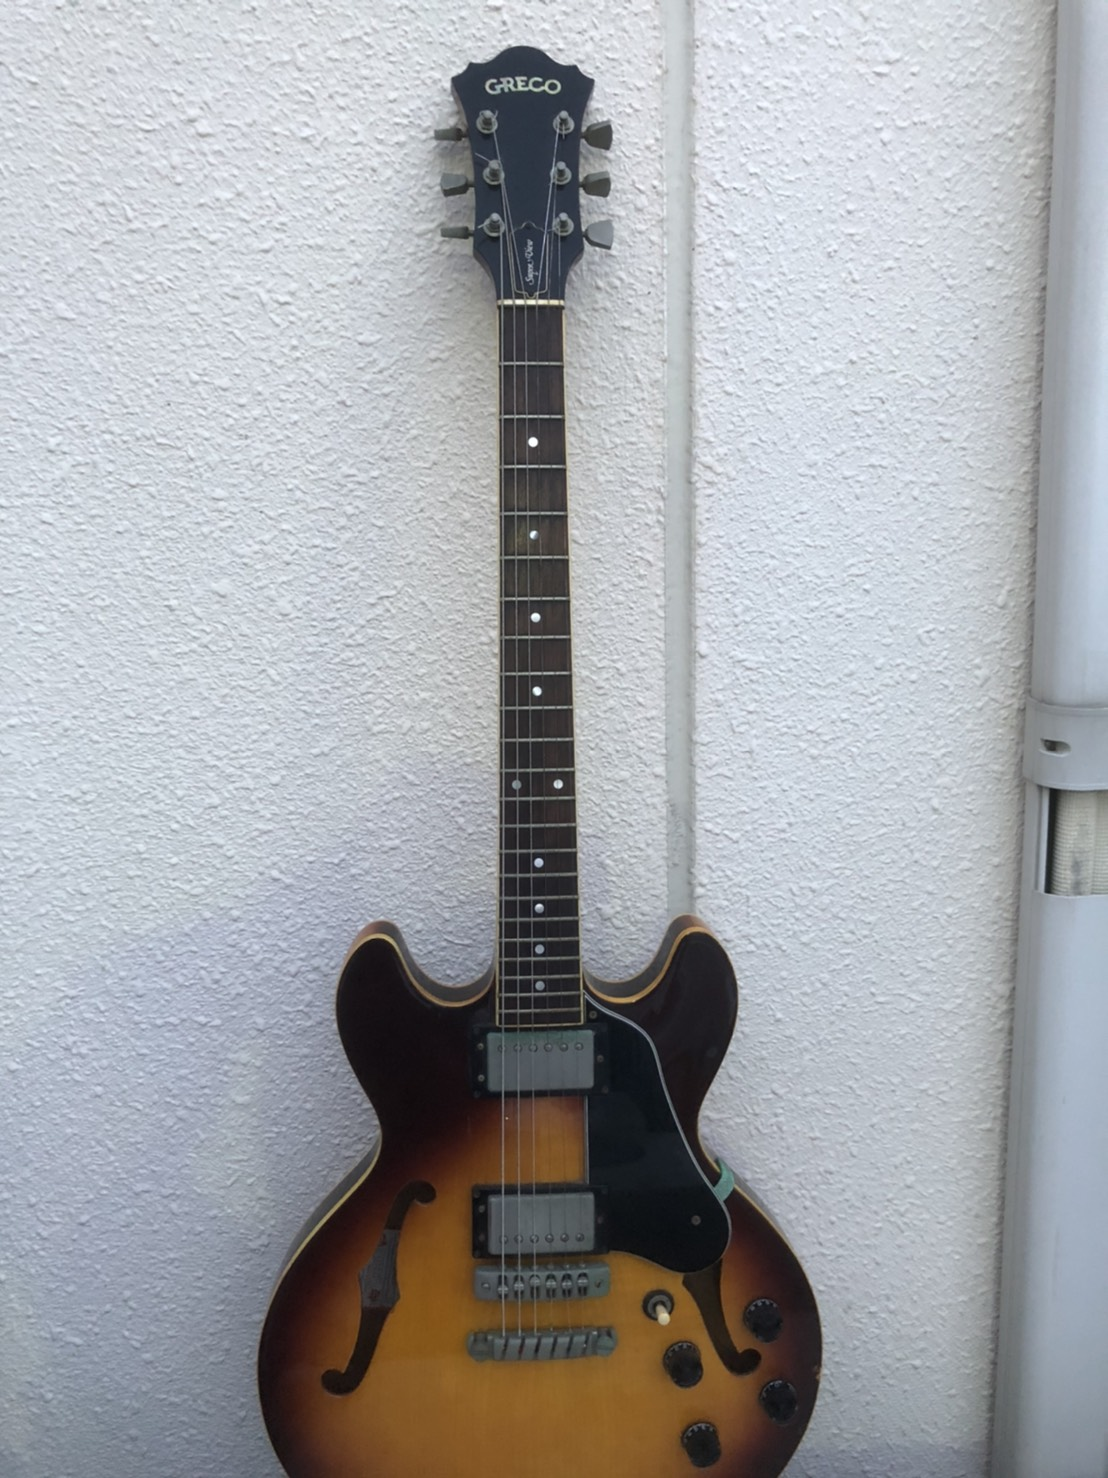 グレコ GRECO SA-550 セミアコ エレキギター ジャズギター をお買取りさせて頂きました!!の買取-